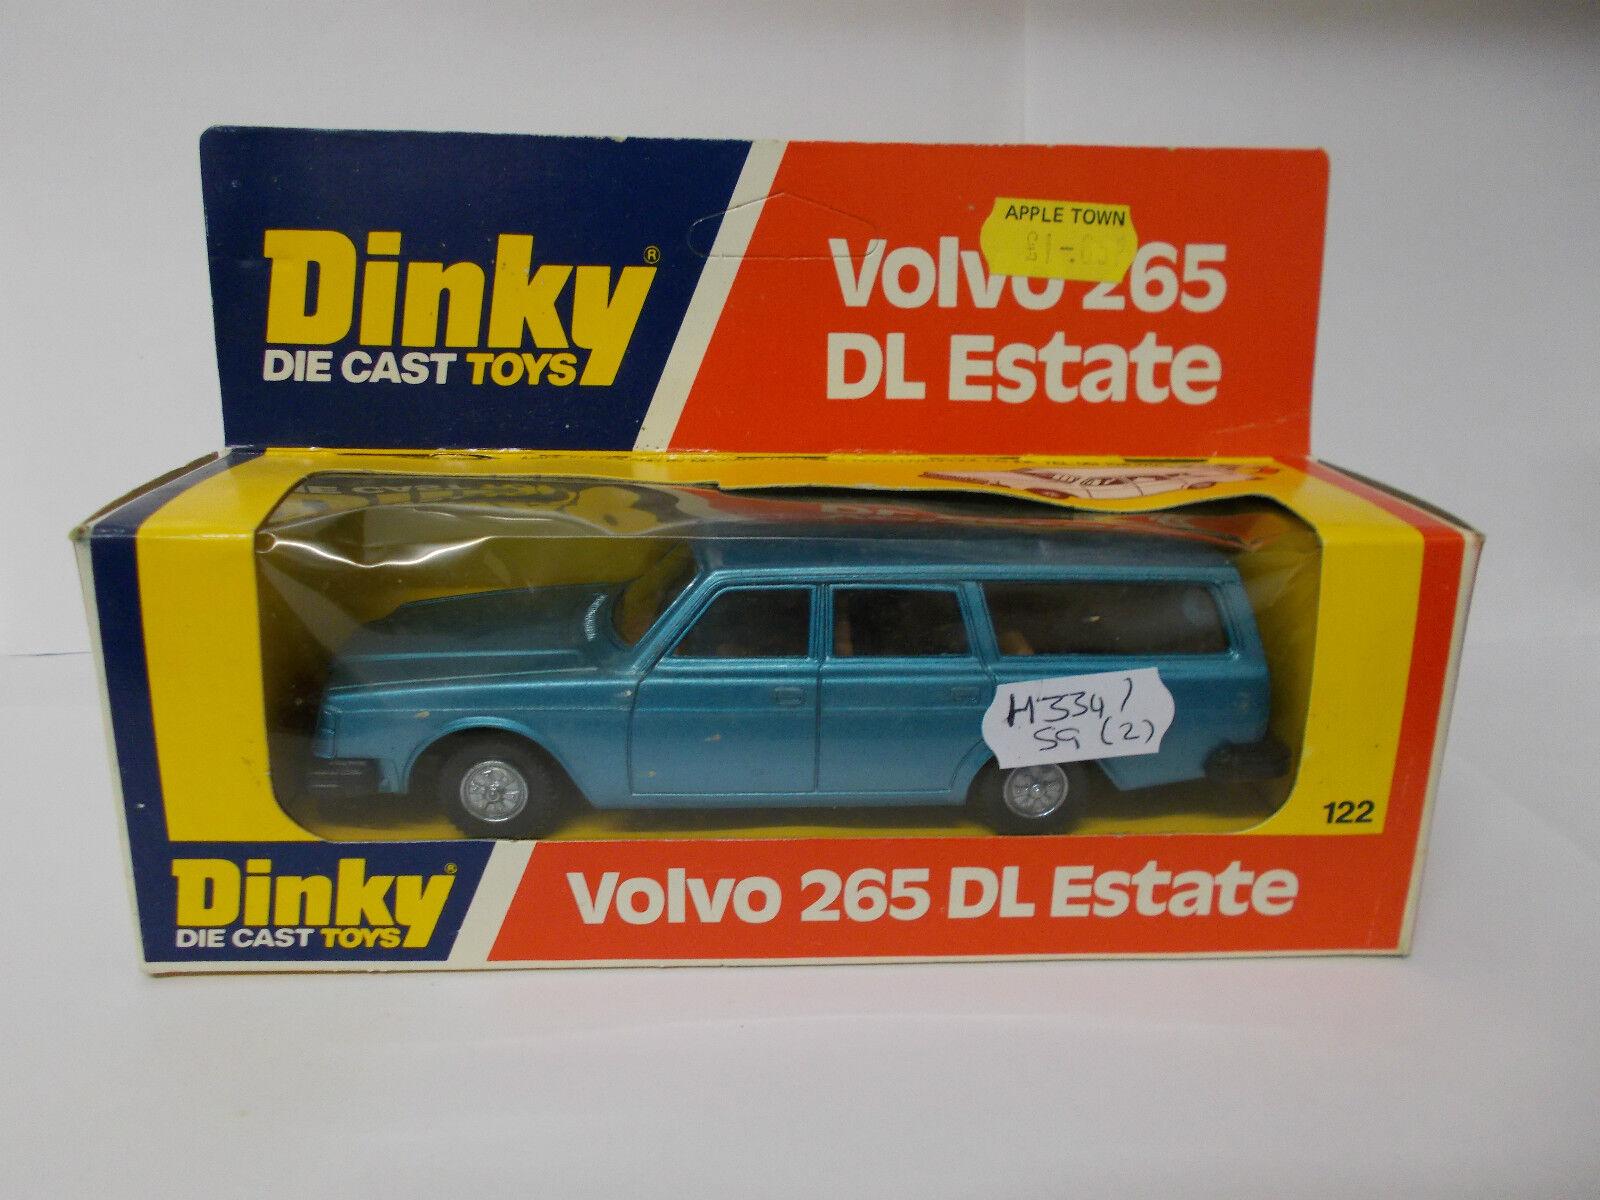 Dinky 122 122 122 Volvo 265 DL finca en Caja Vintage 1977 7bac08